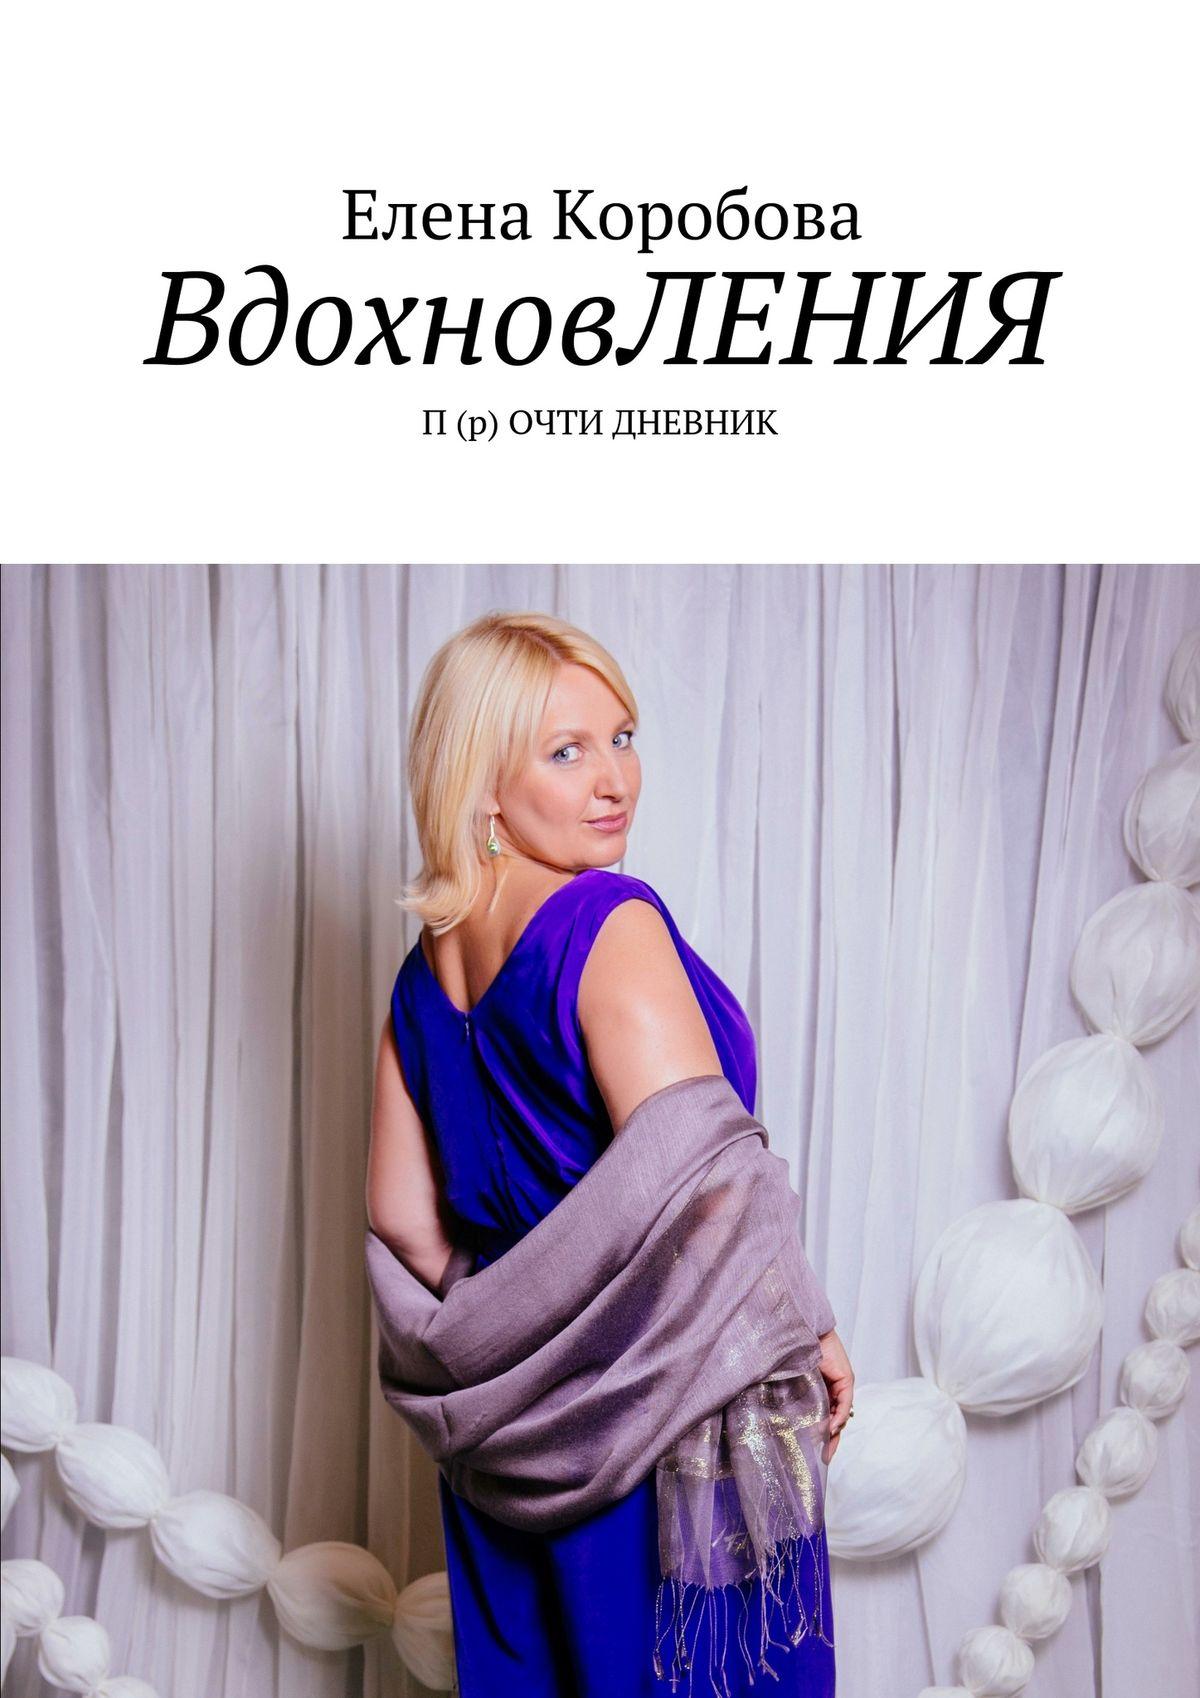 Елена Коробова ВдохновЛЕНИЯ. П (р) ОЧТИ ДНЕВНИК